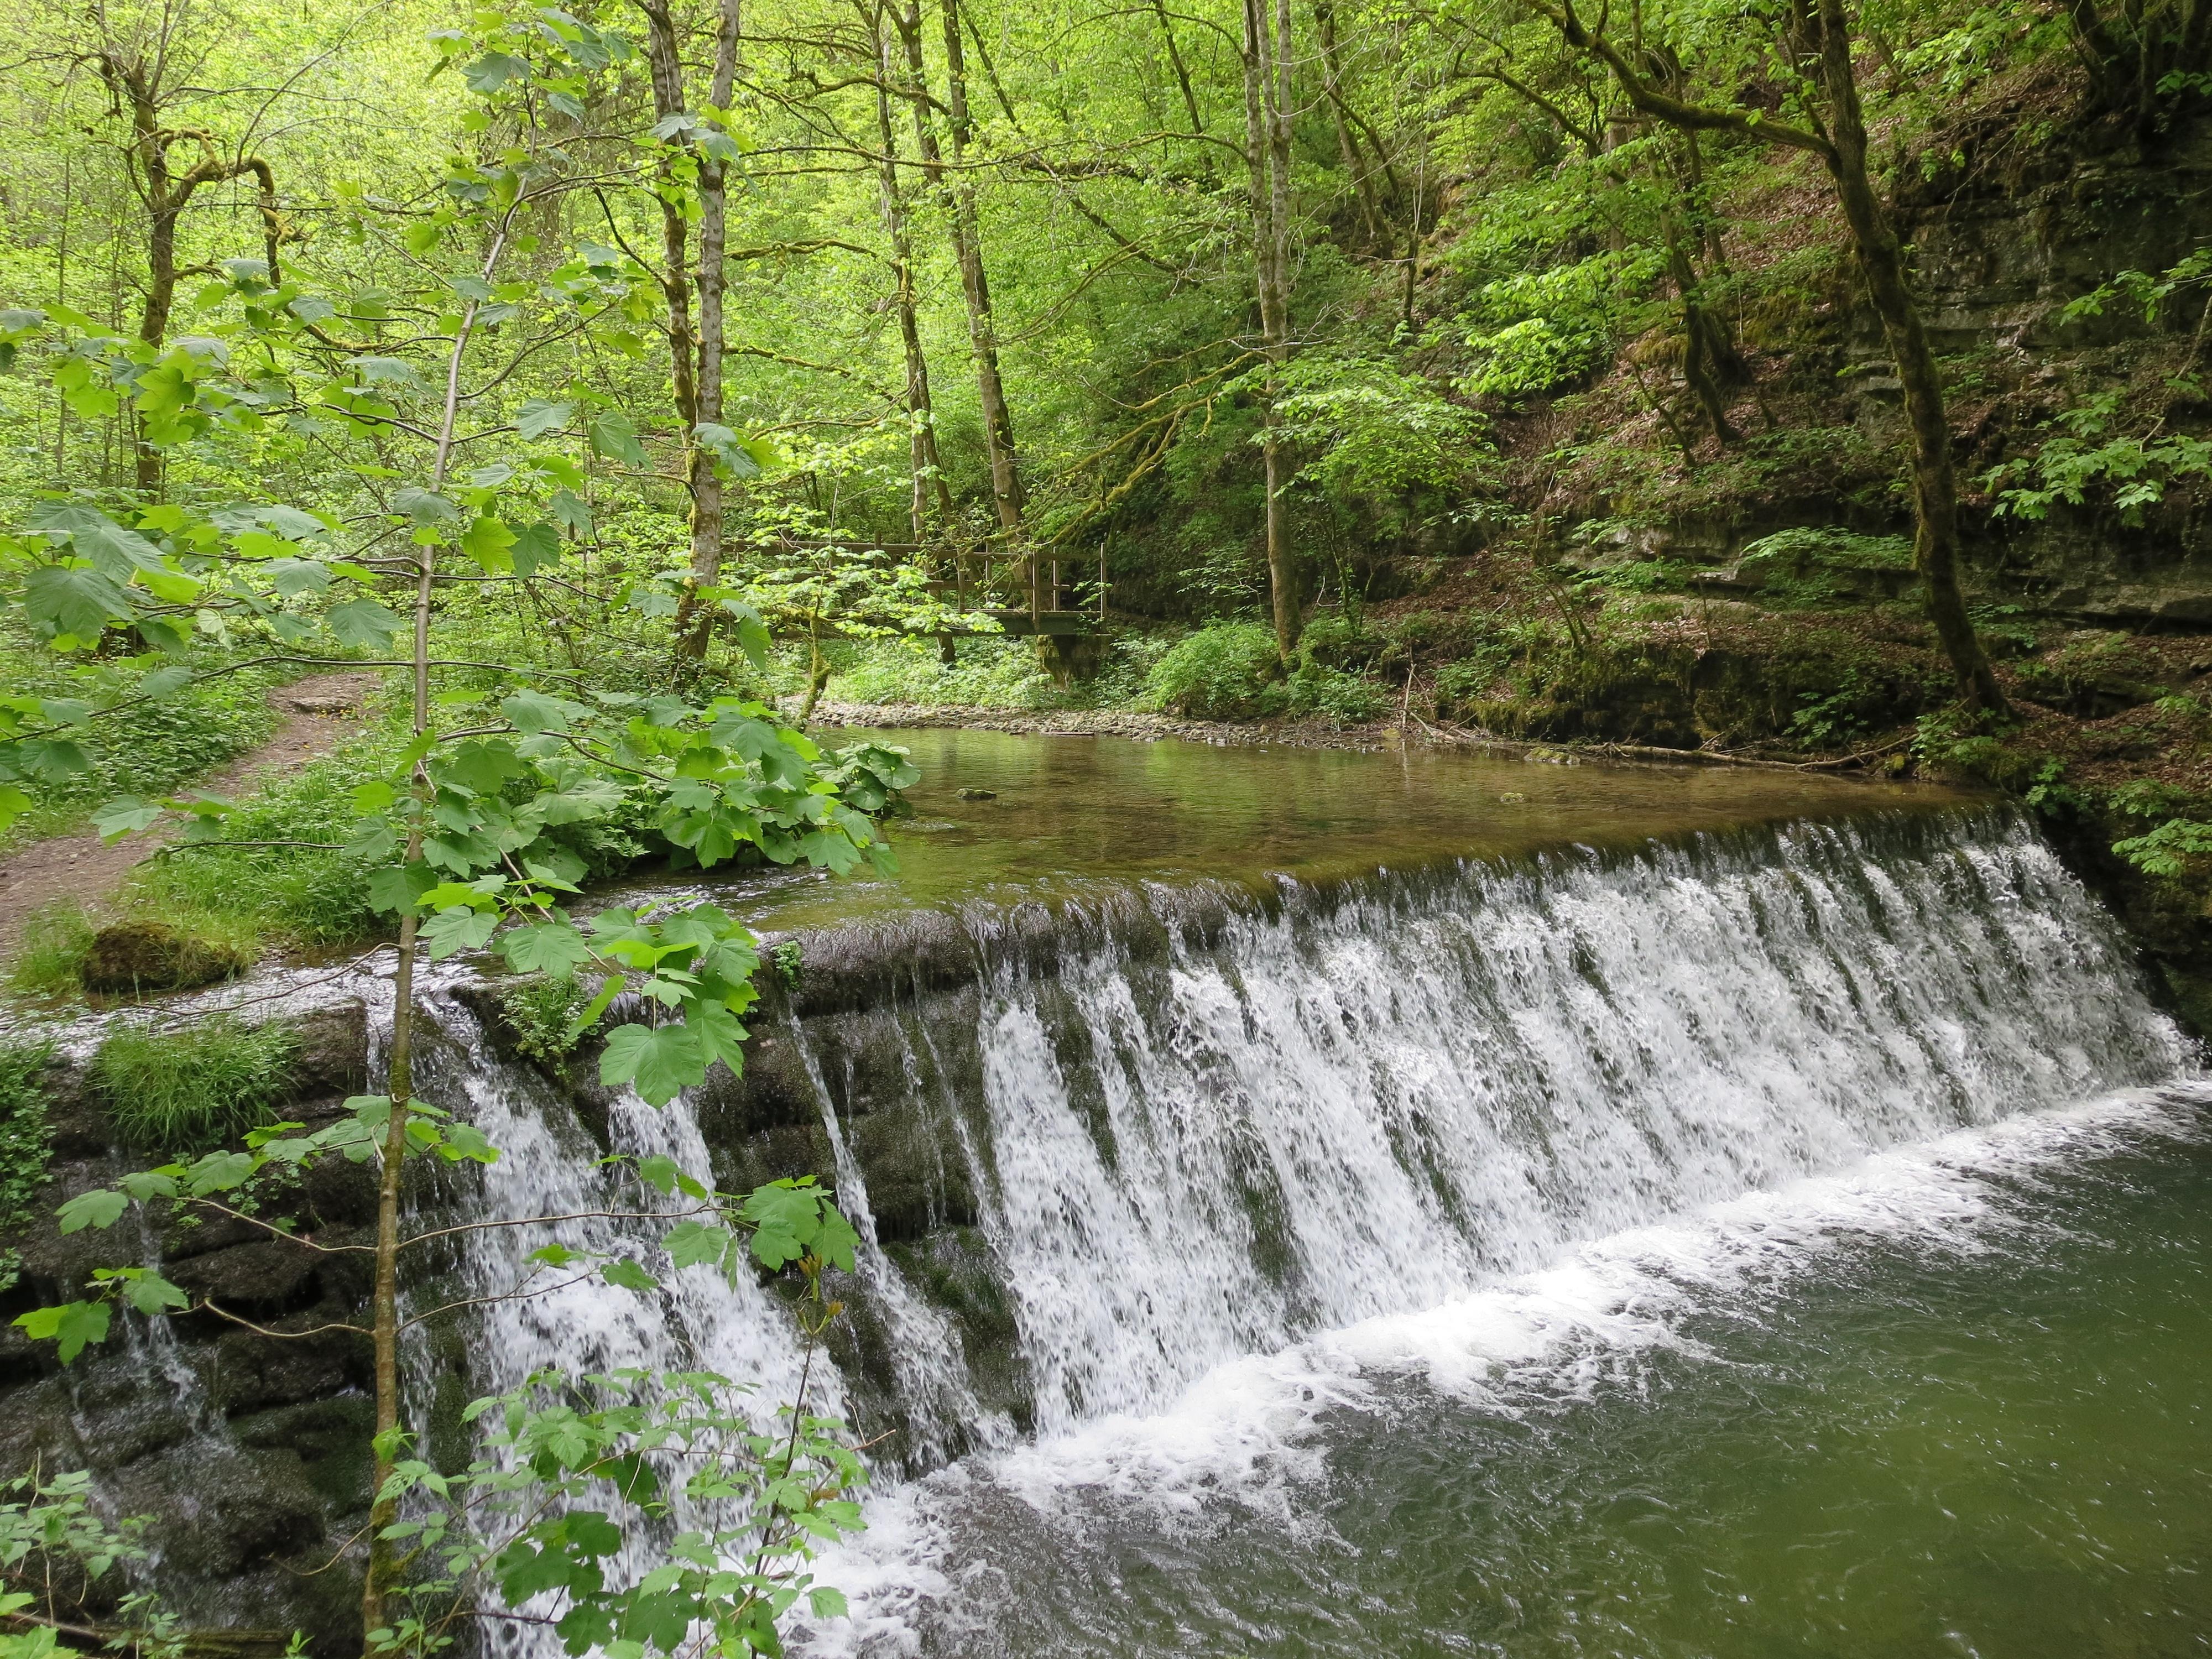 ursprüngliche Natur mit wildem Wasser